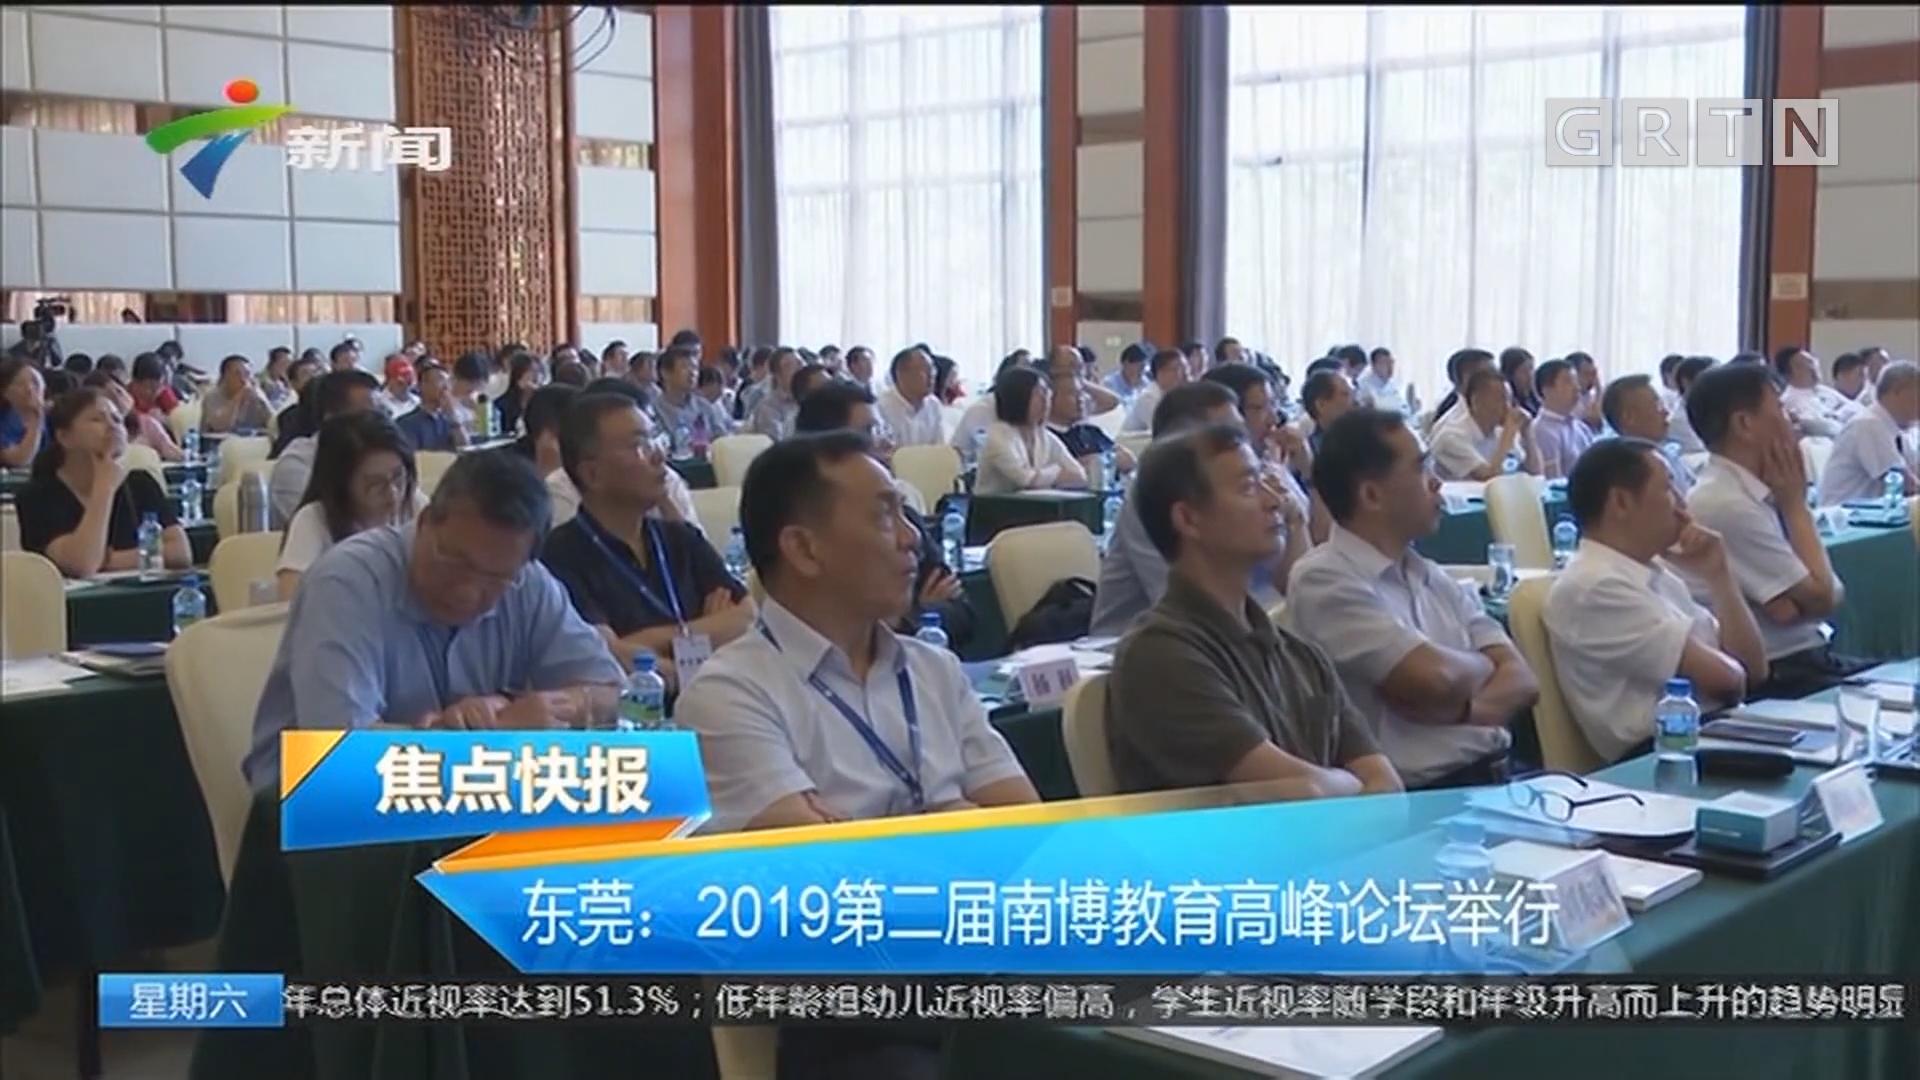 东莞:2019第二届南博教育高峰论坛举行